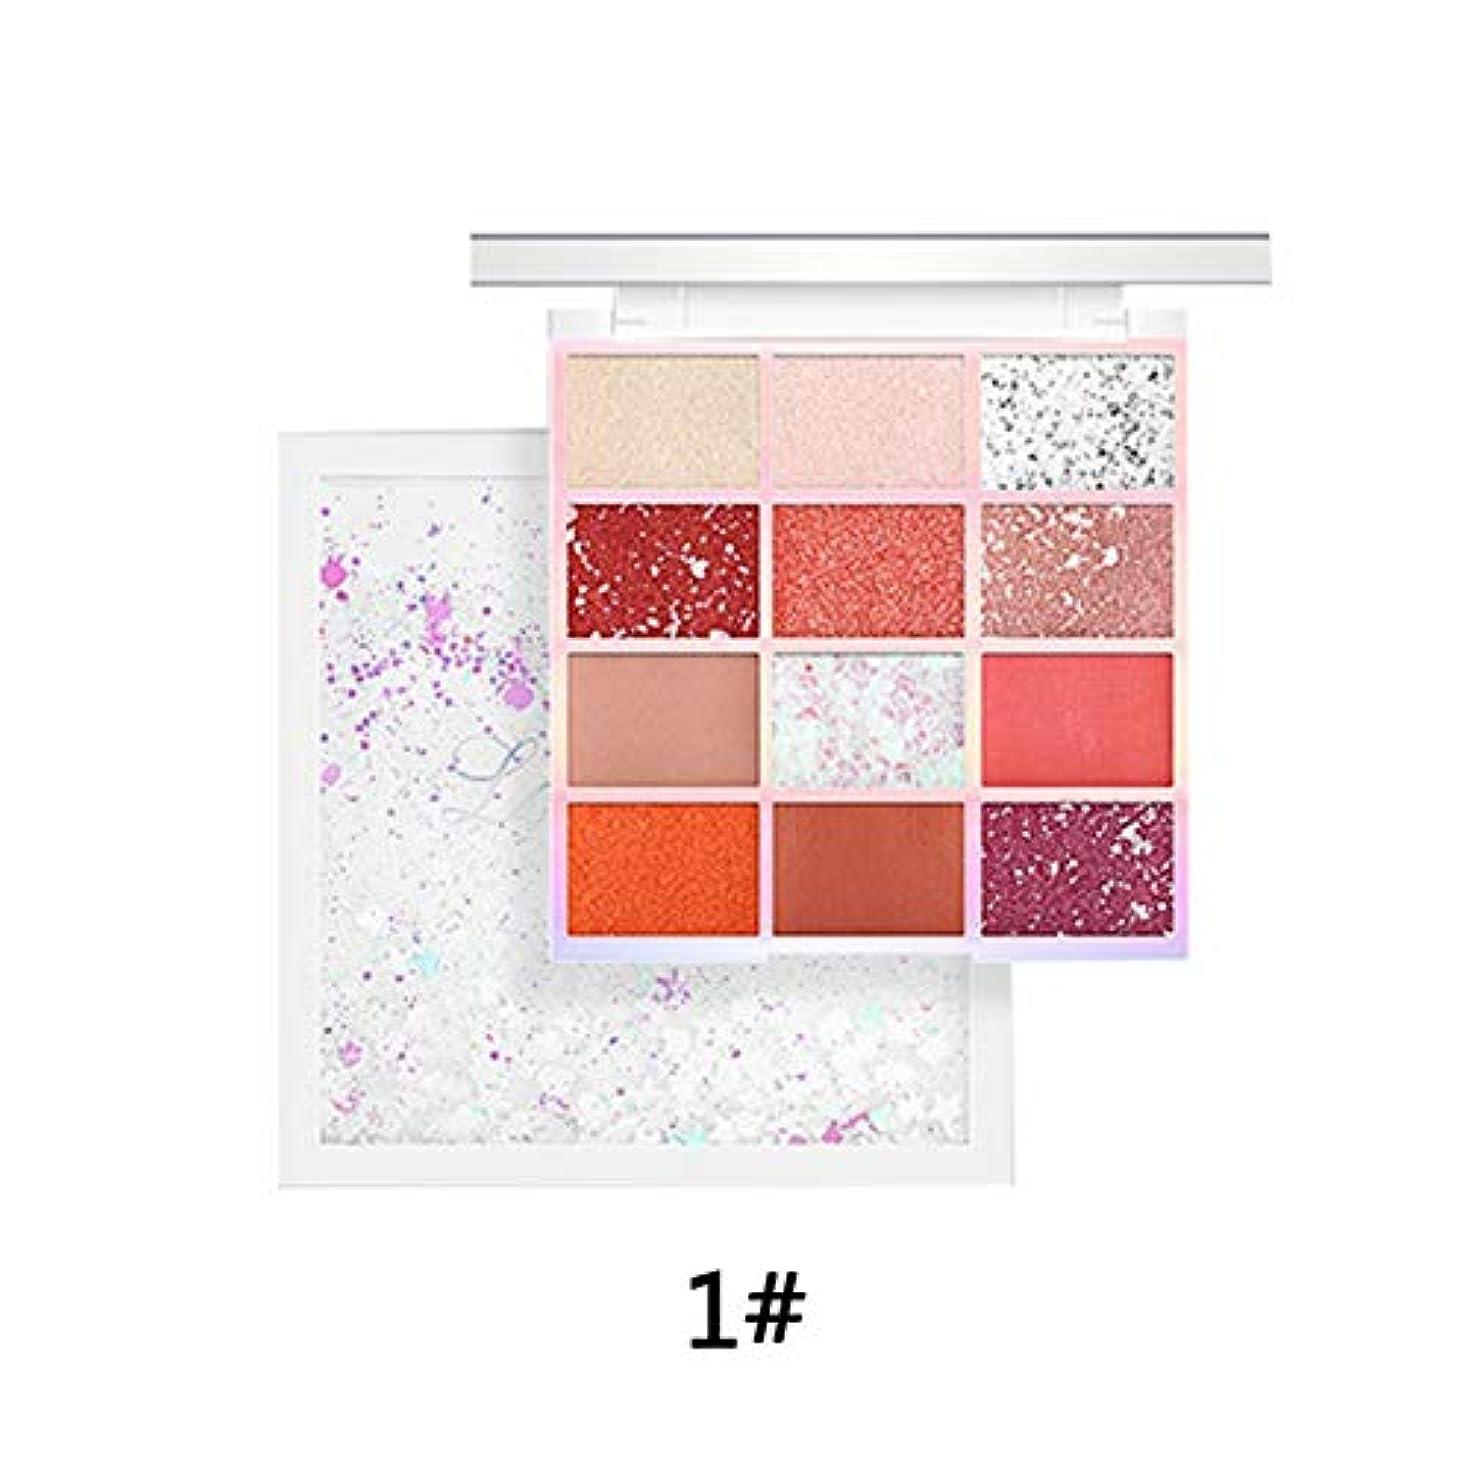 流鎮静剤動揺させる12色 璀璨 星 流砂 アイシャドウ アイシャドウパレット マット スパンコール ラスティング キラキラ 美容 アイ化粧品 Cutelove